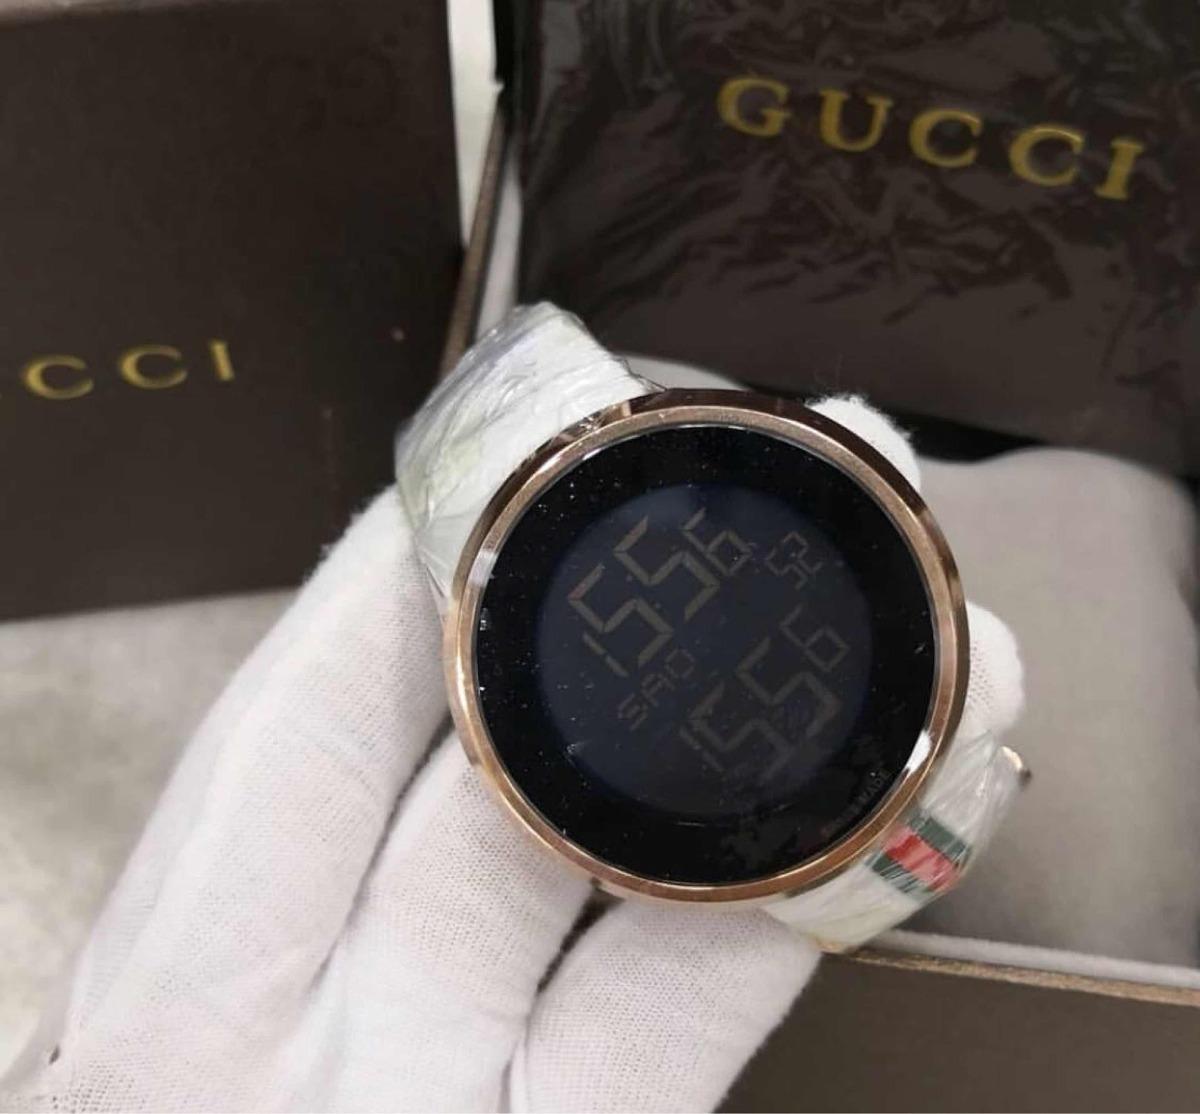 ed28e582385 Relógio Gucci Digital Branco Novo Original - R  1.648